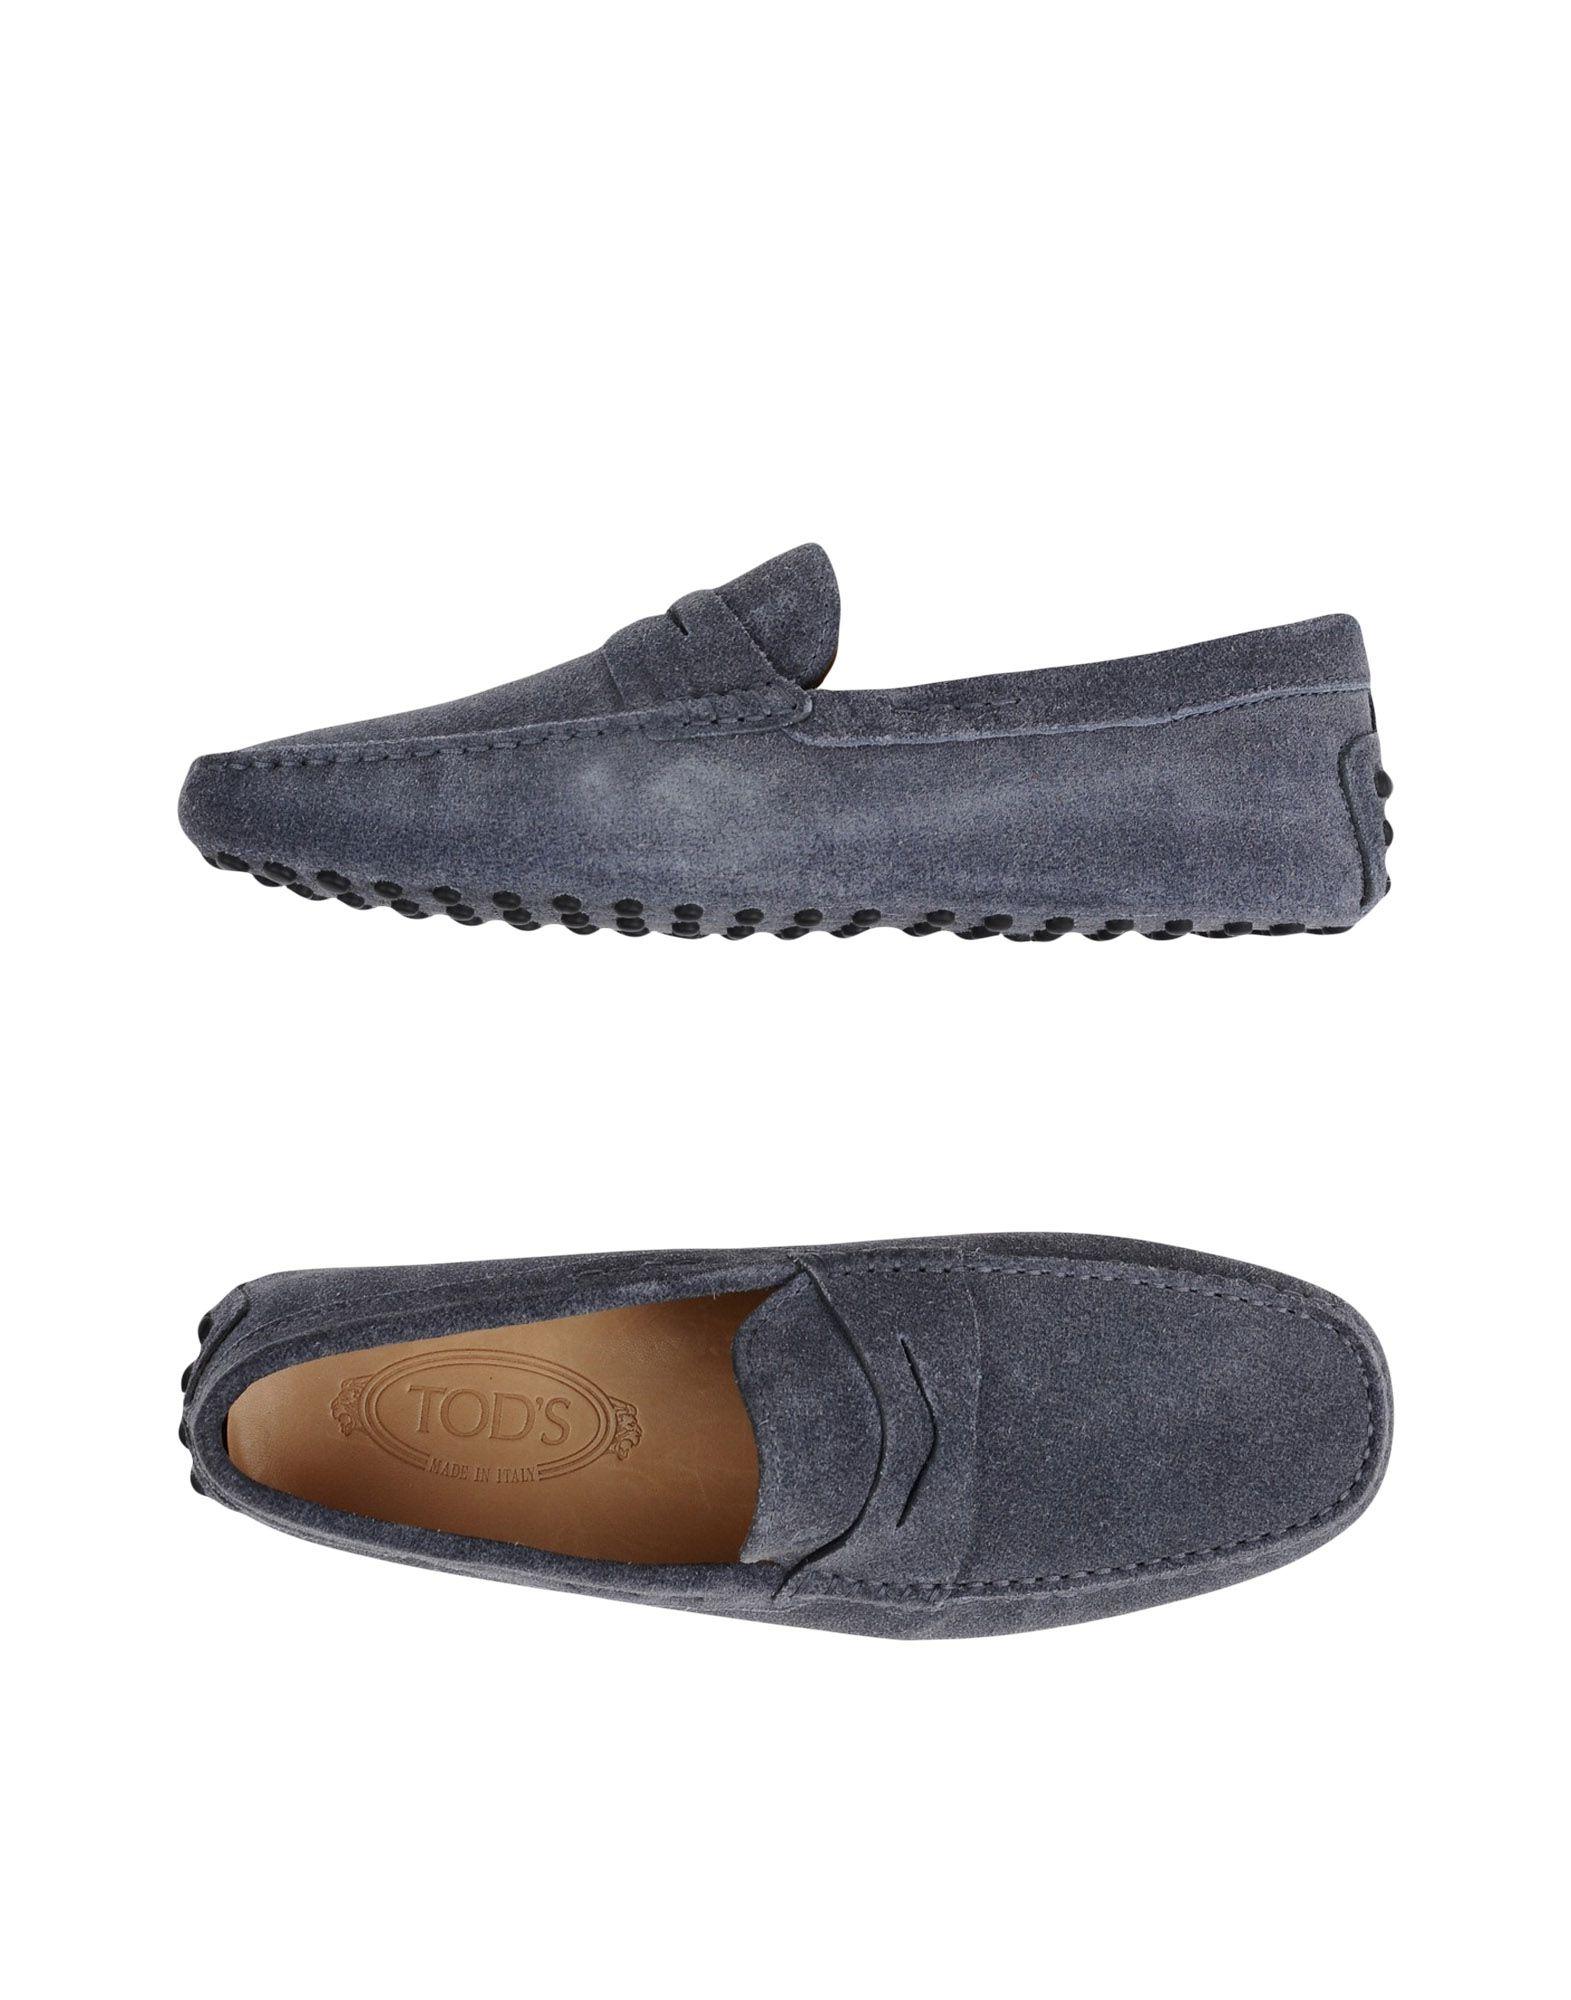 Tod's Mokassins Herren  11299278CD Gute Qualität beliebte Schuhe